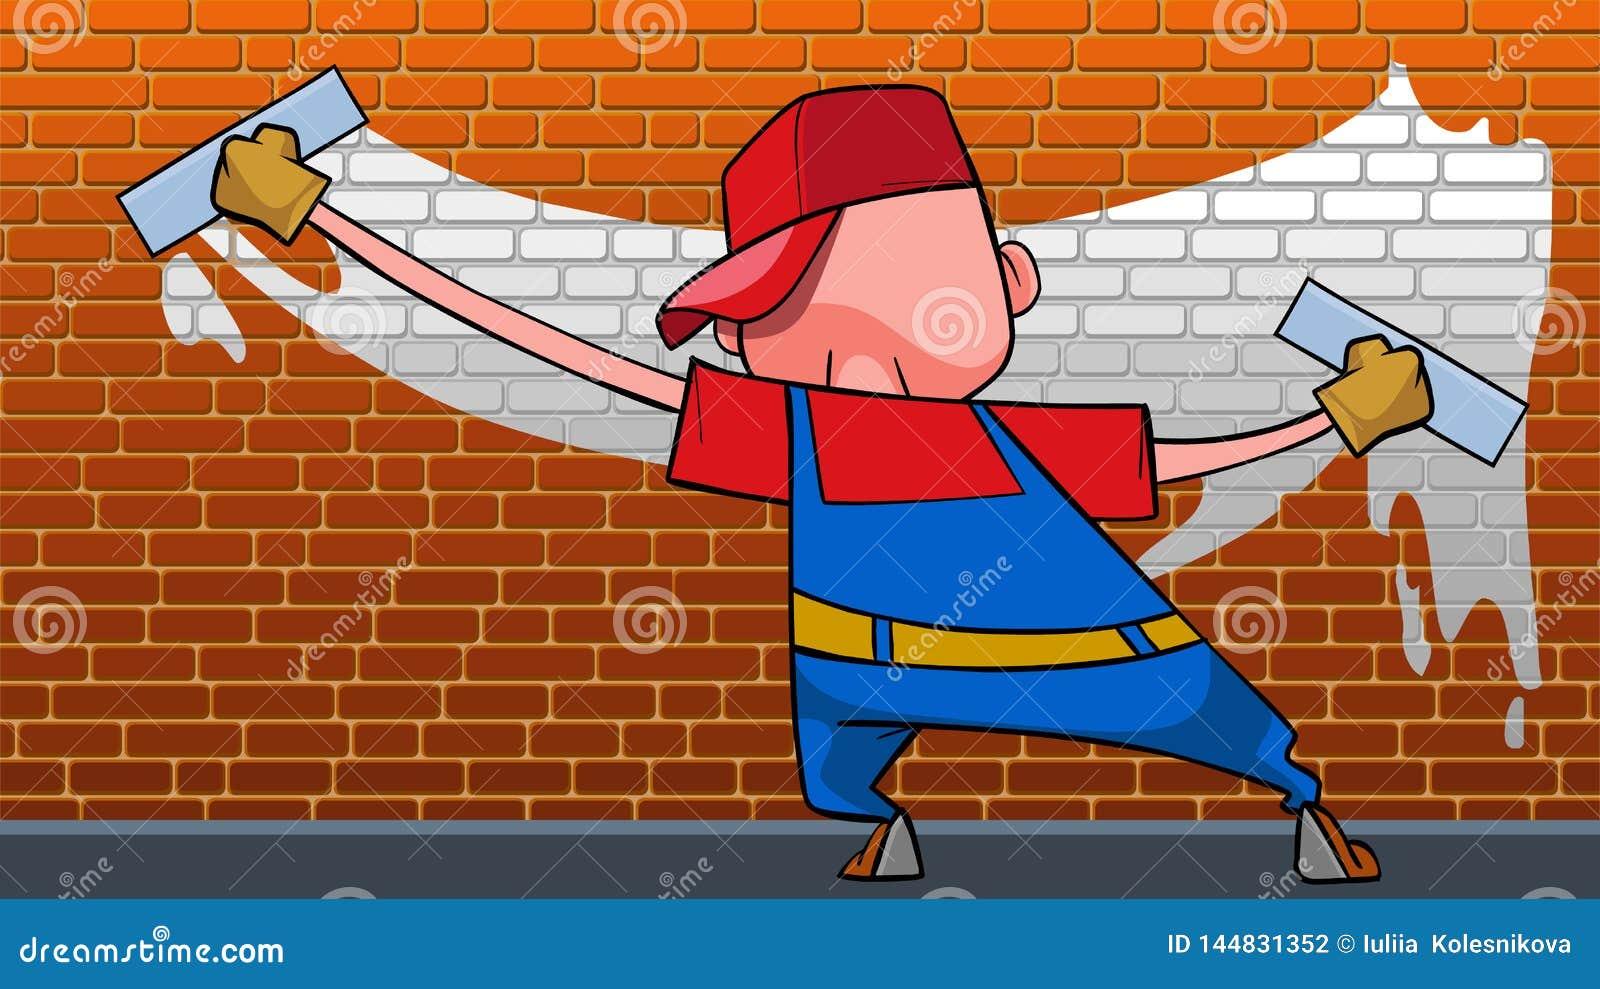 Άτομο κινούμενων σχεδίων με δύο αστεία χρώματα κυλίνδρων ο τοίχος